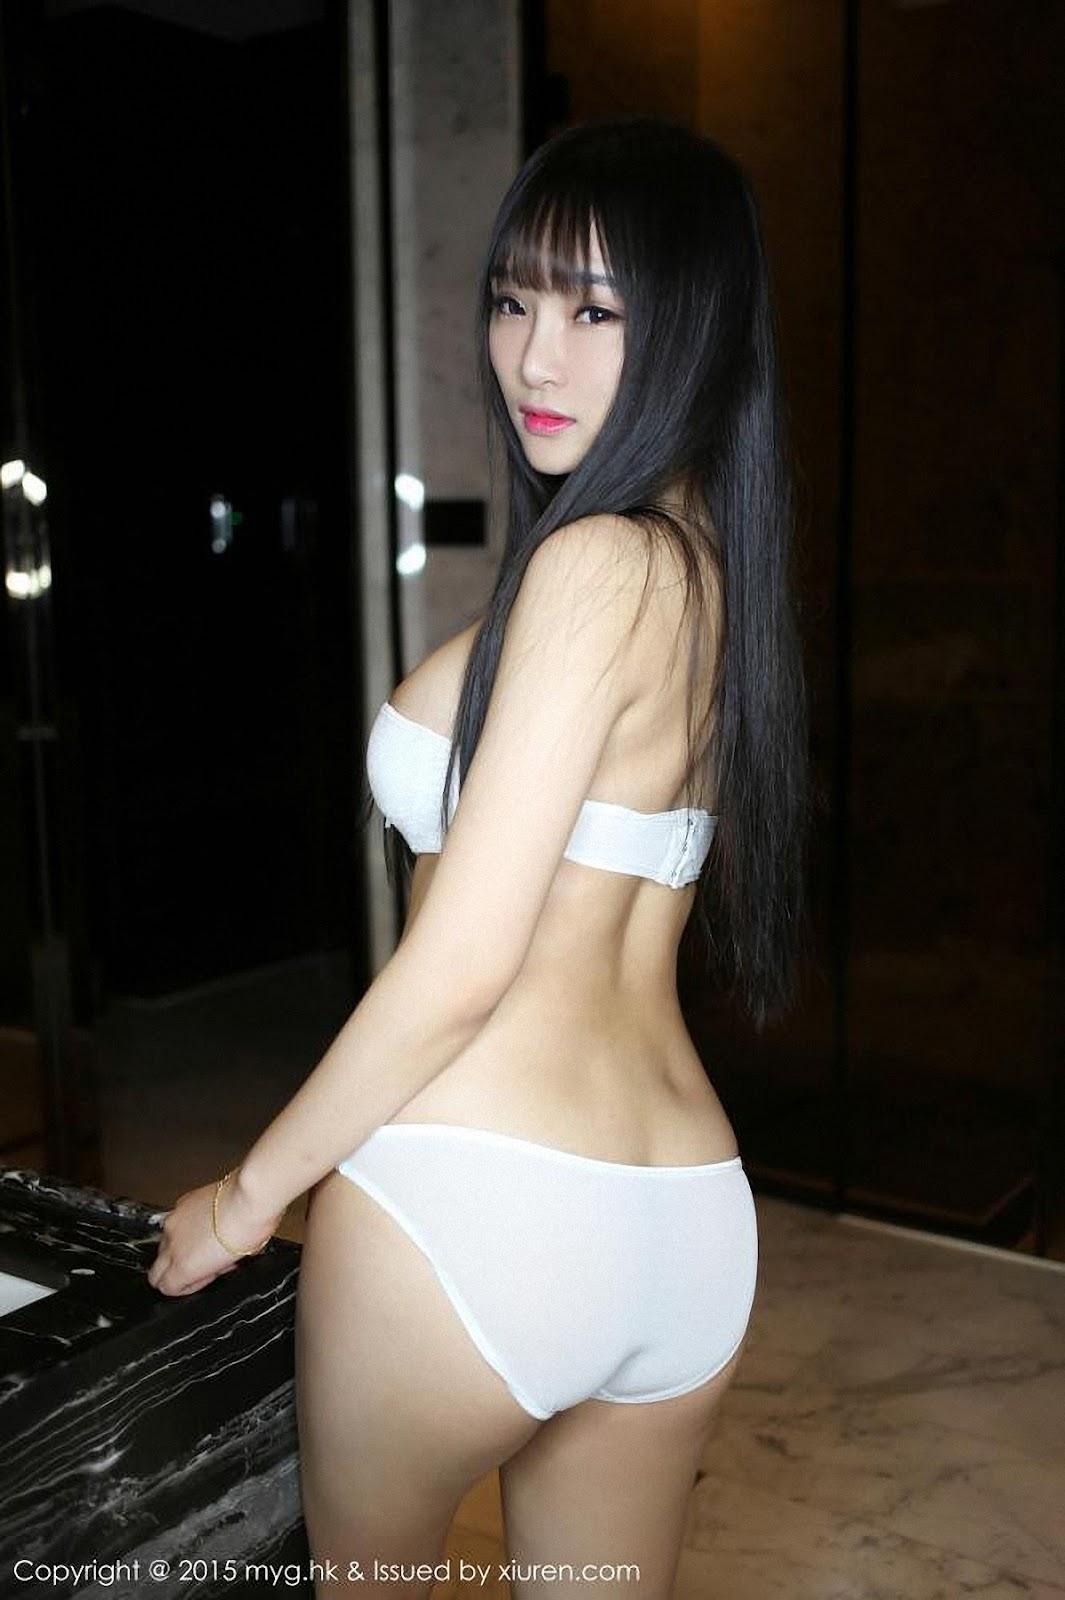 04 - Hot Model MYGIRL VOL.120